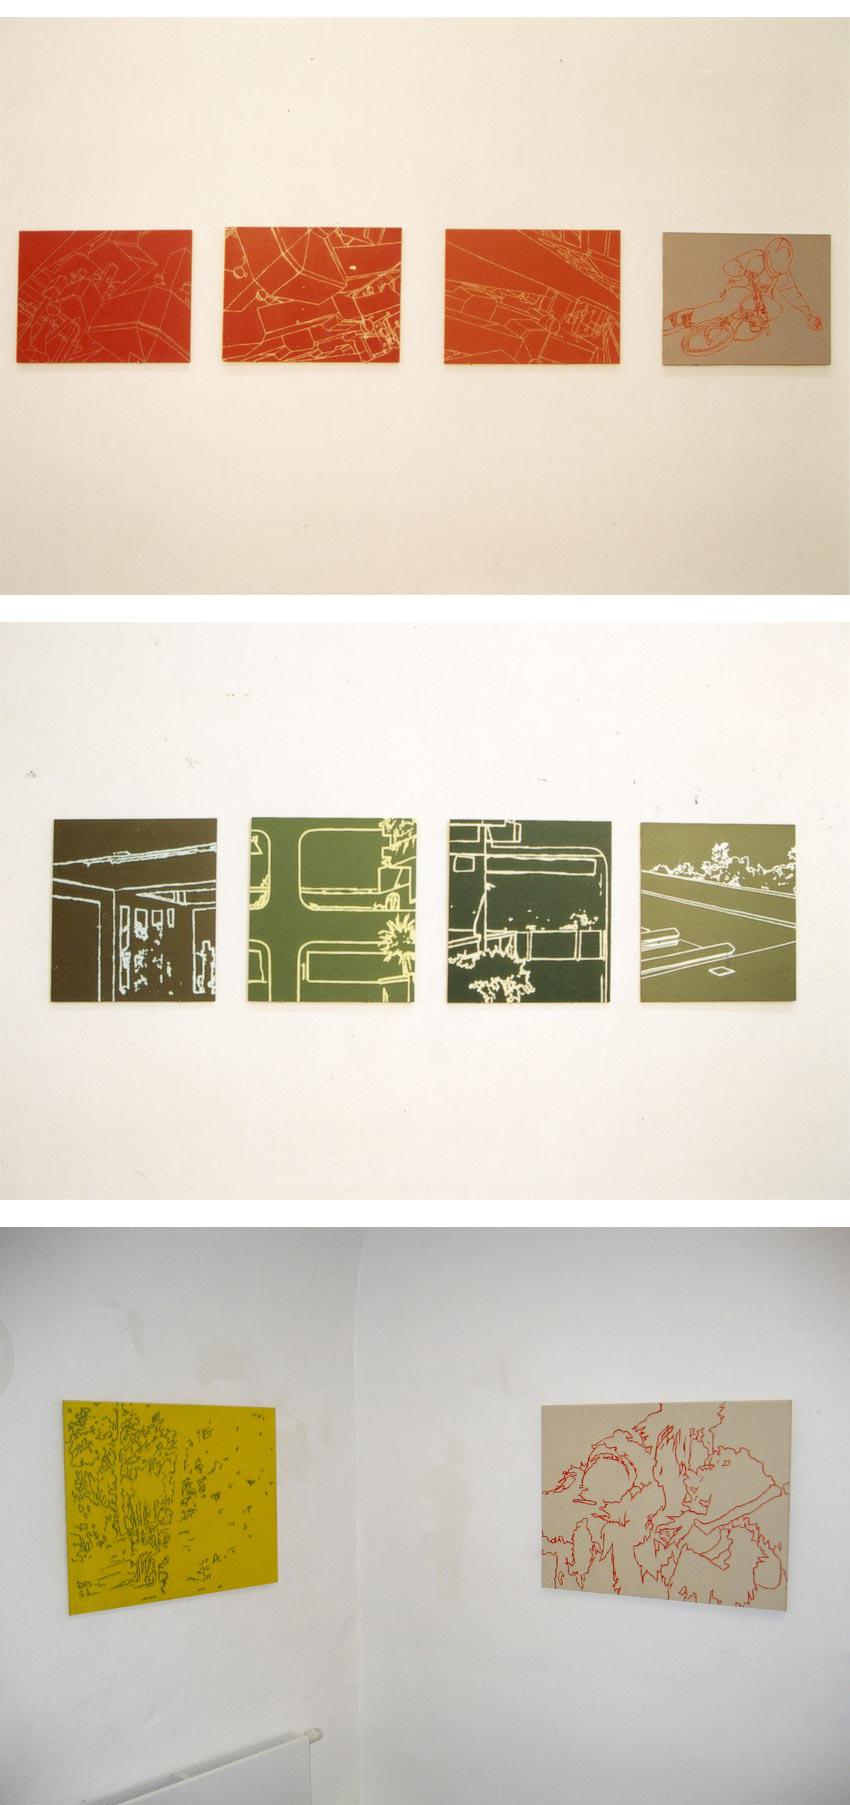 Tobias Gossow - Ausstellung - inddor/outdoor